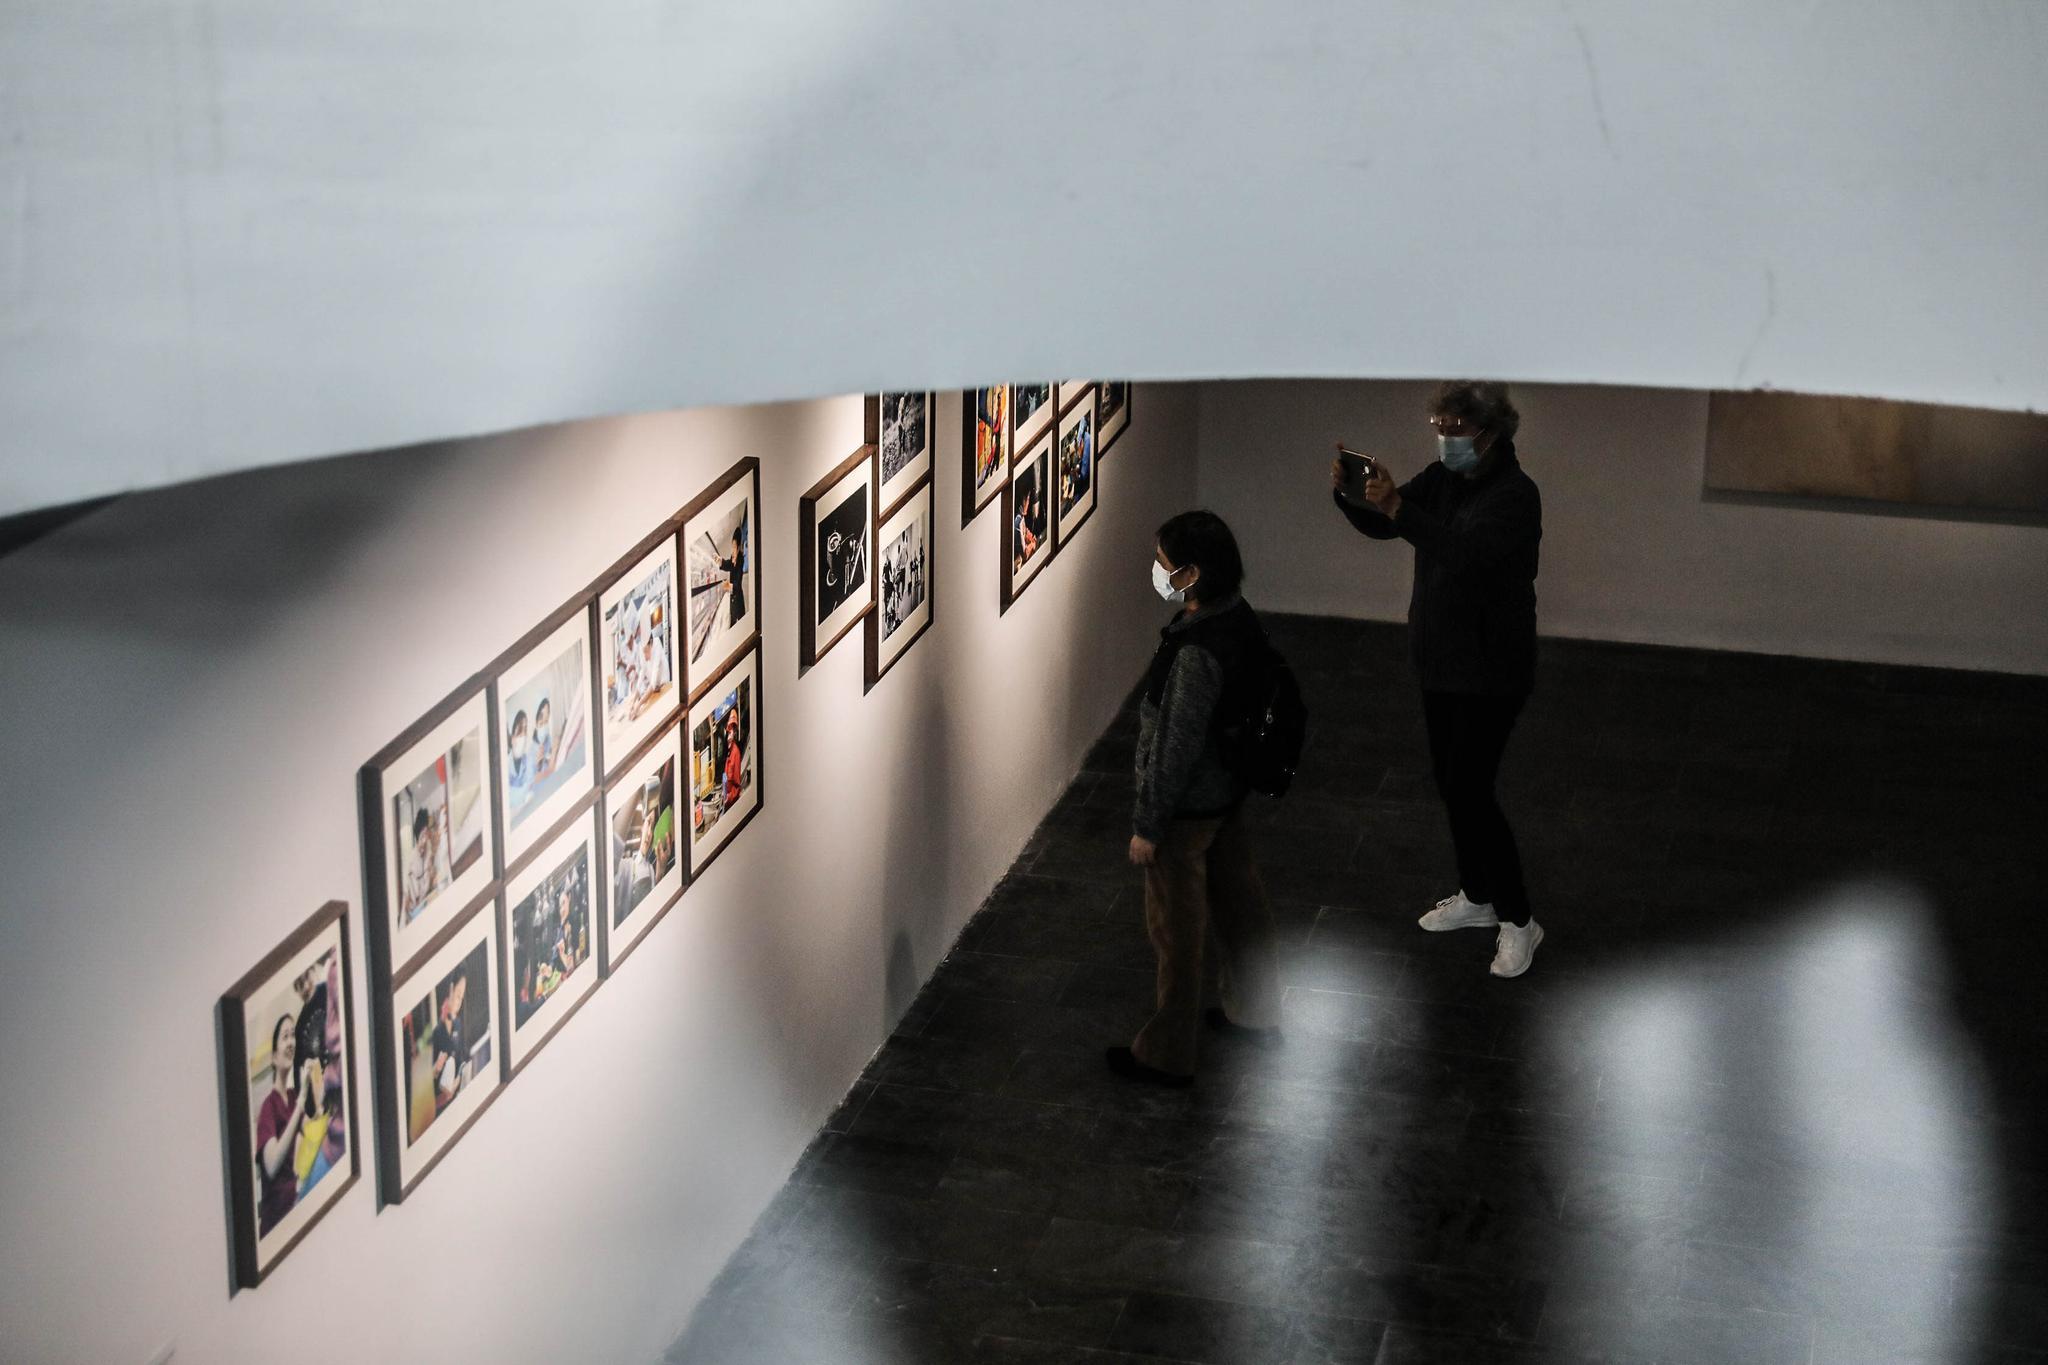 """美术与影像跨界融合,""""瞬间,在场——予她同行"""" 艺术展展现百年中国女性力量成长之路"""